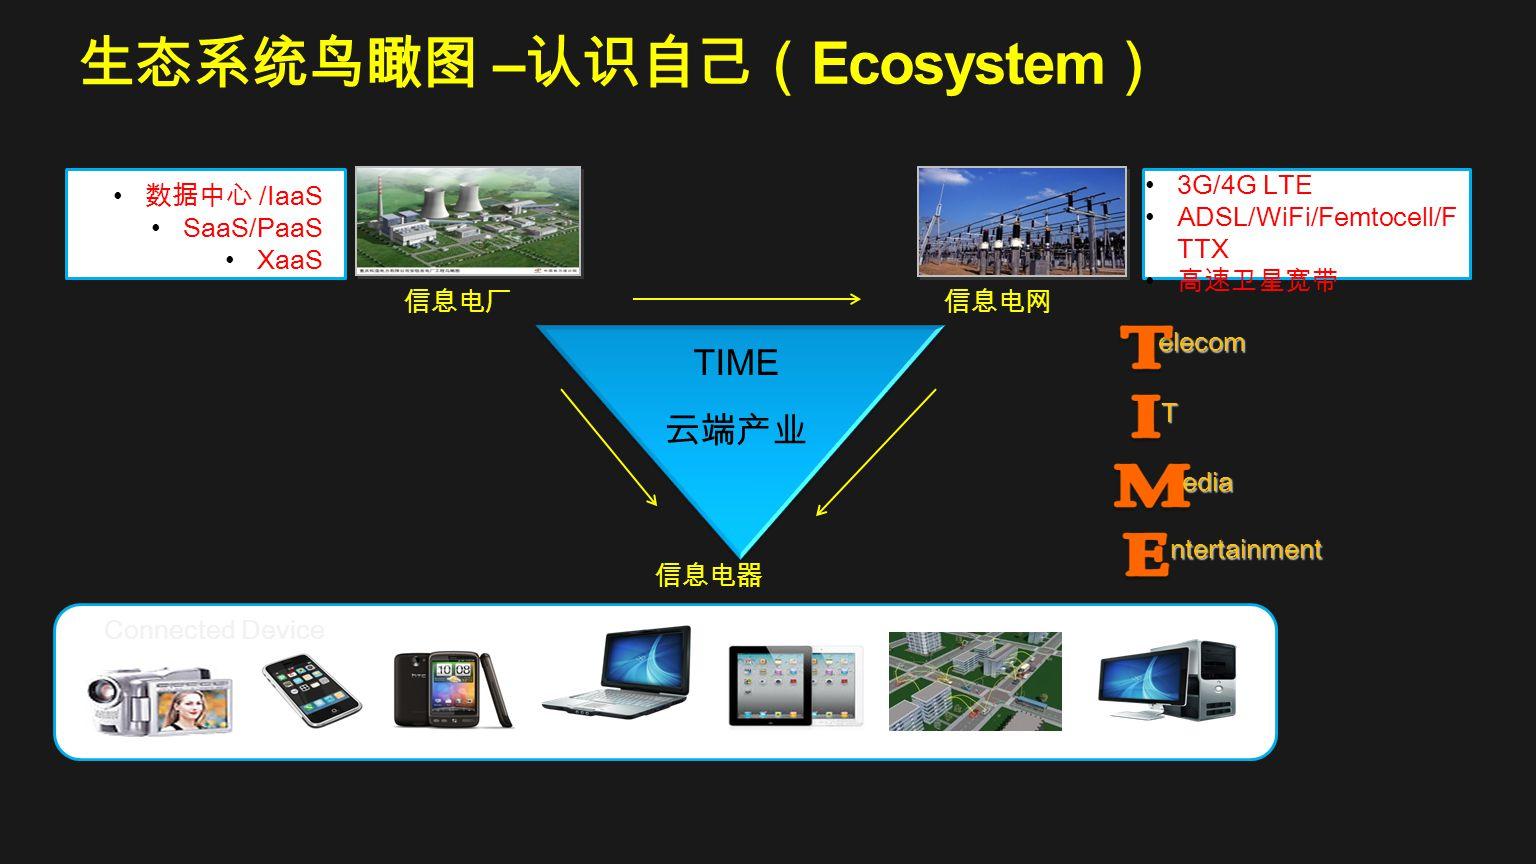 生态系统鸟瞰图 –认识自己(Ecosystem)